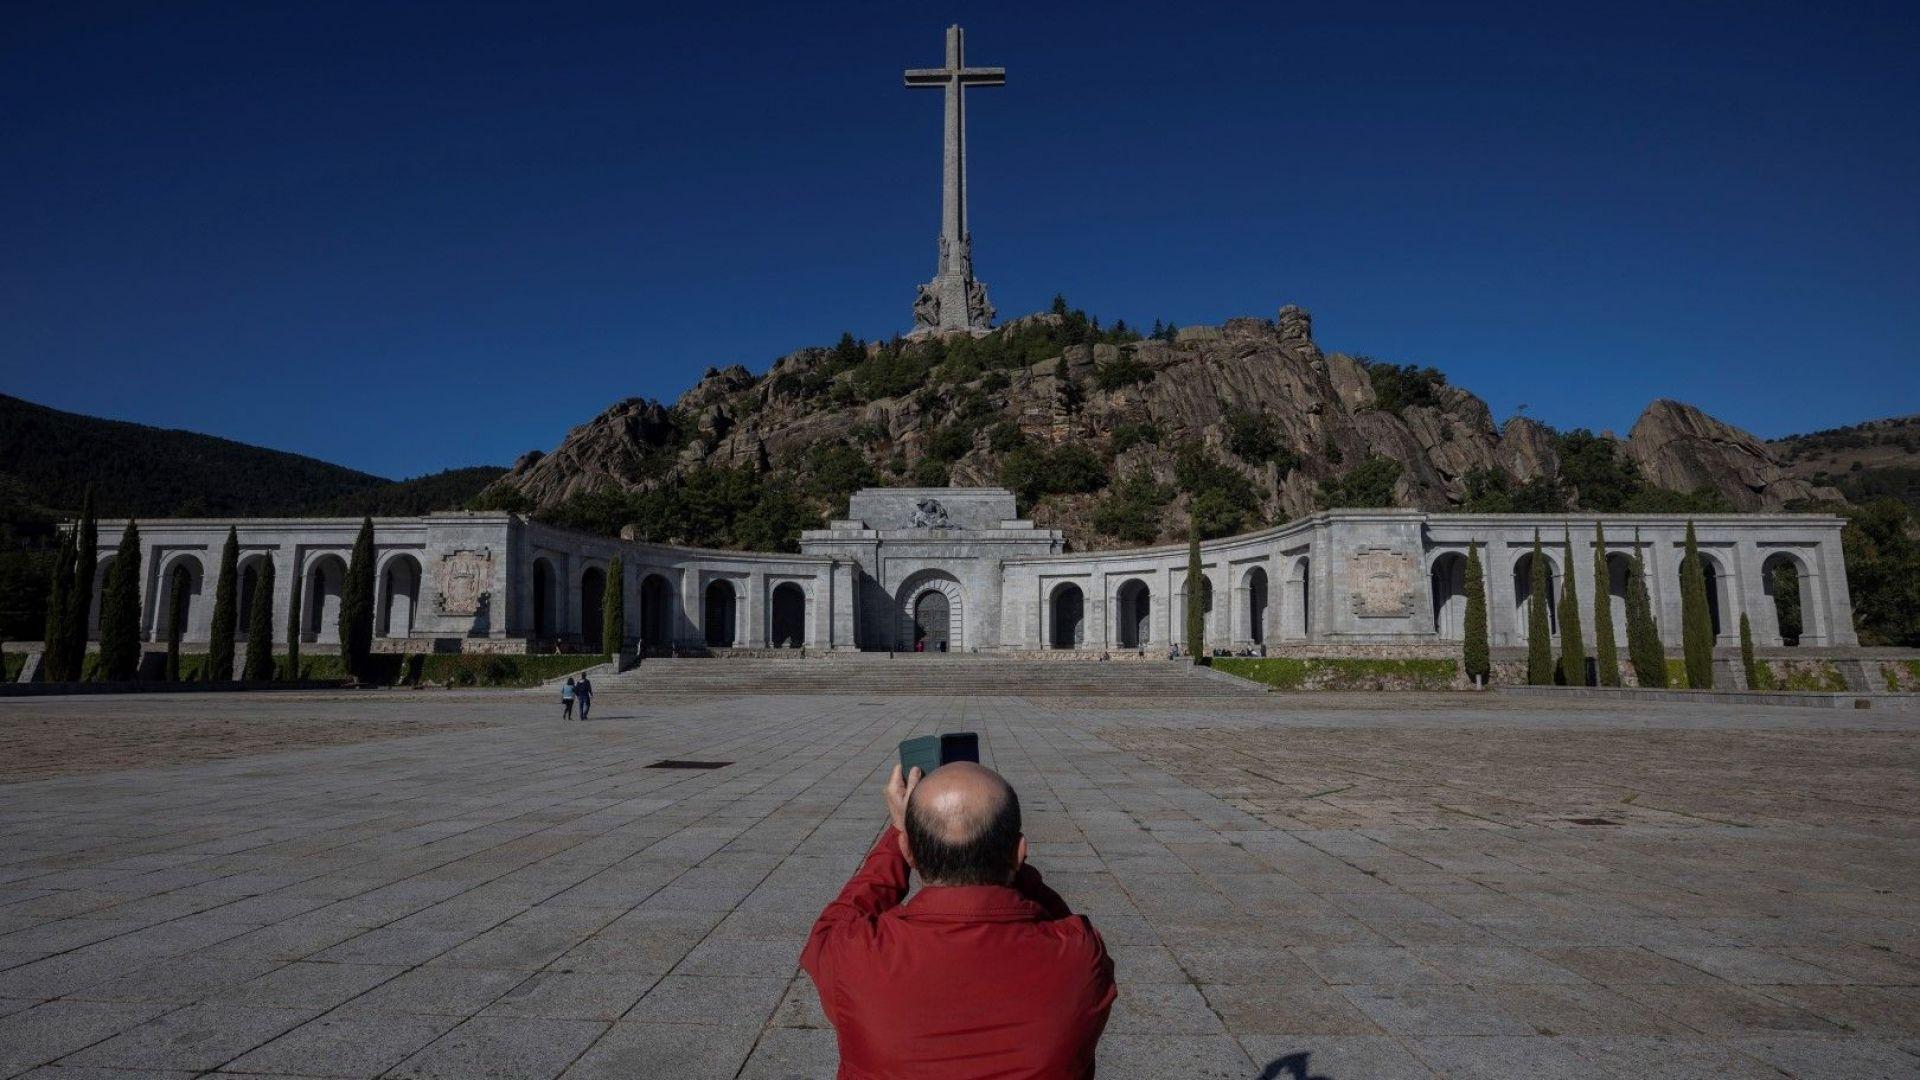 Испанският Върховен съд разреши ексхумирането на останките на бившия диктатор